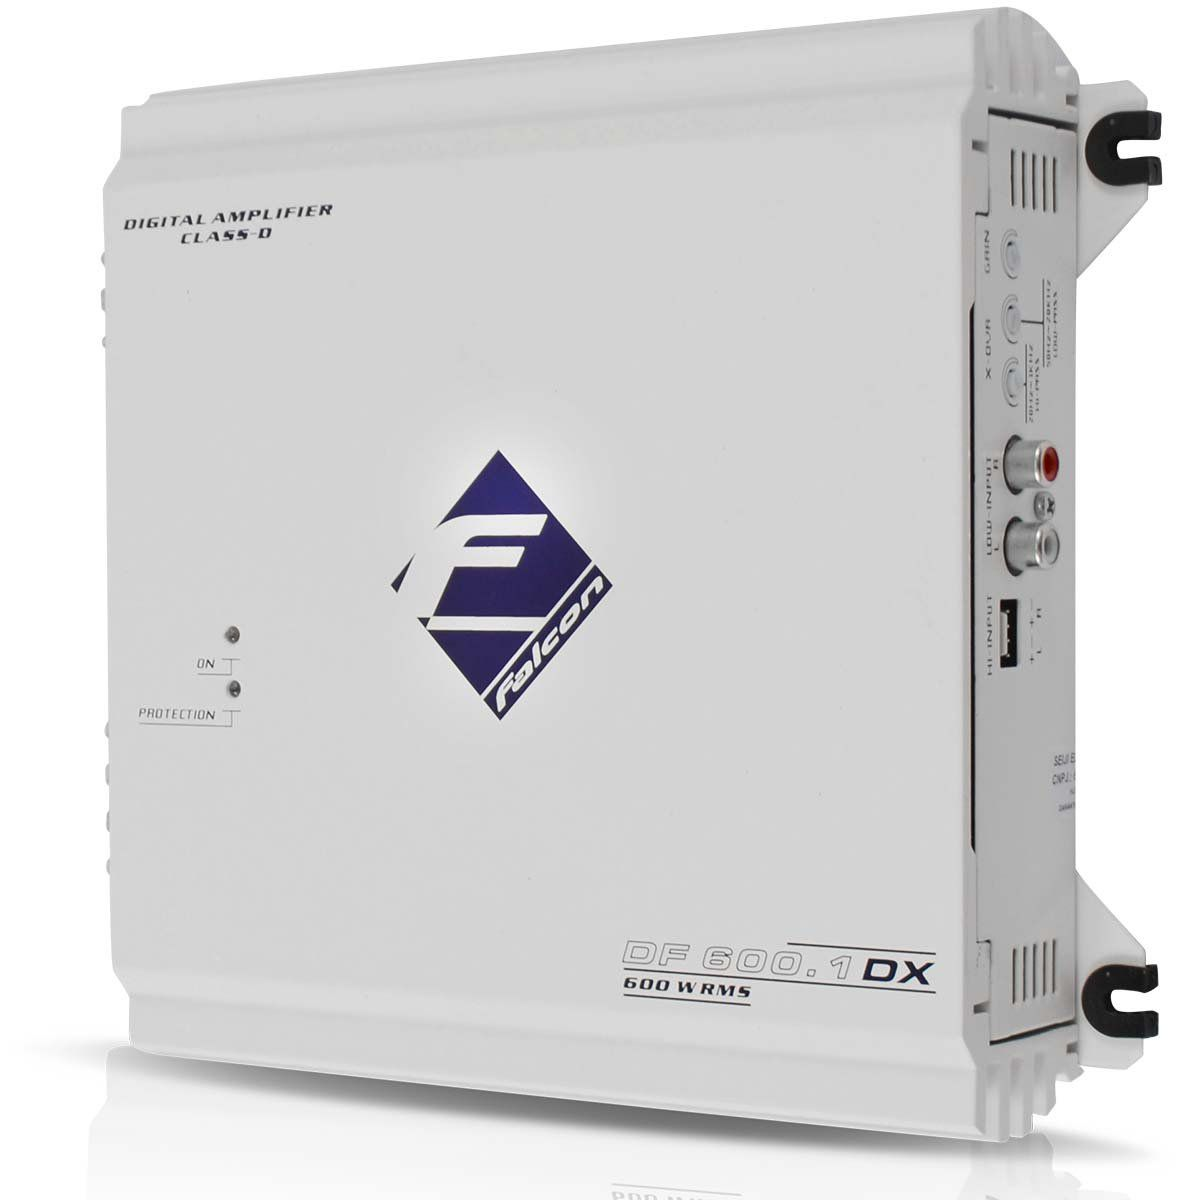 Módulo Amplificador Digital Df 600.1 Dx 1 Cn 600w Rms Falcon